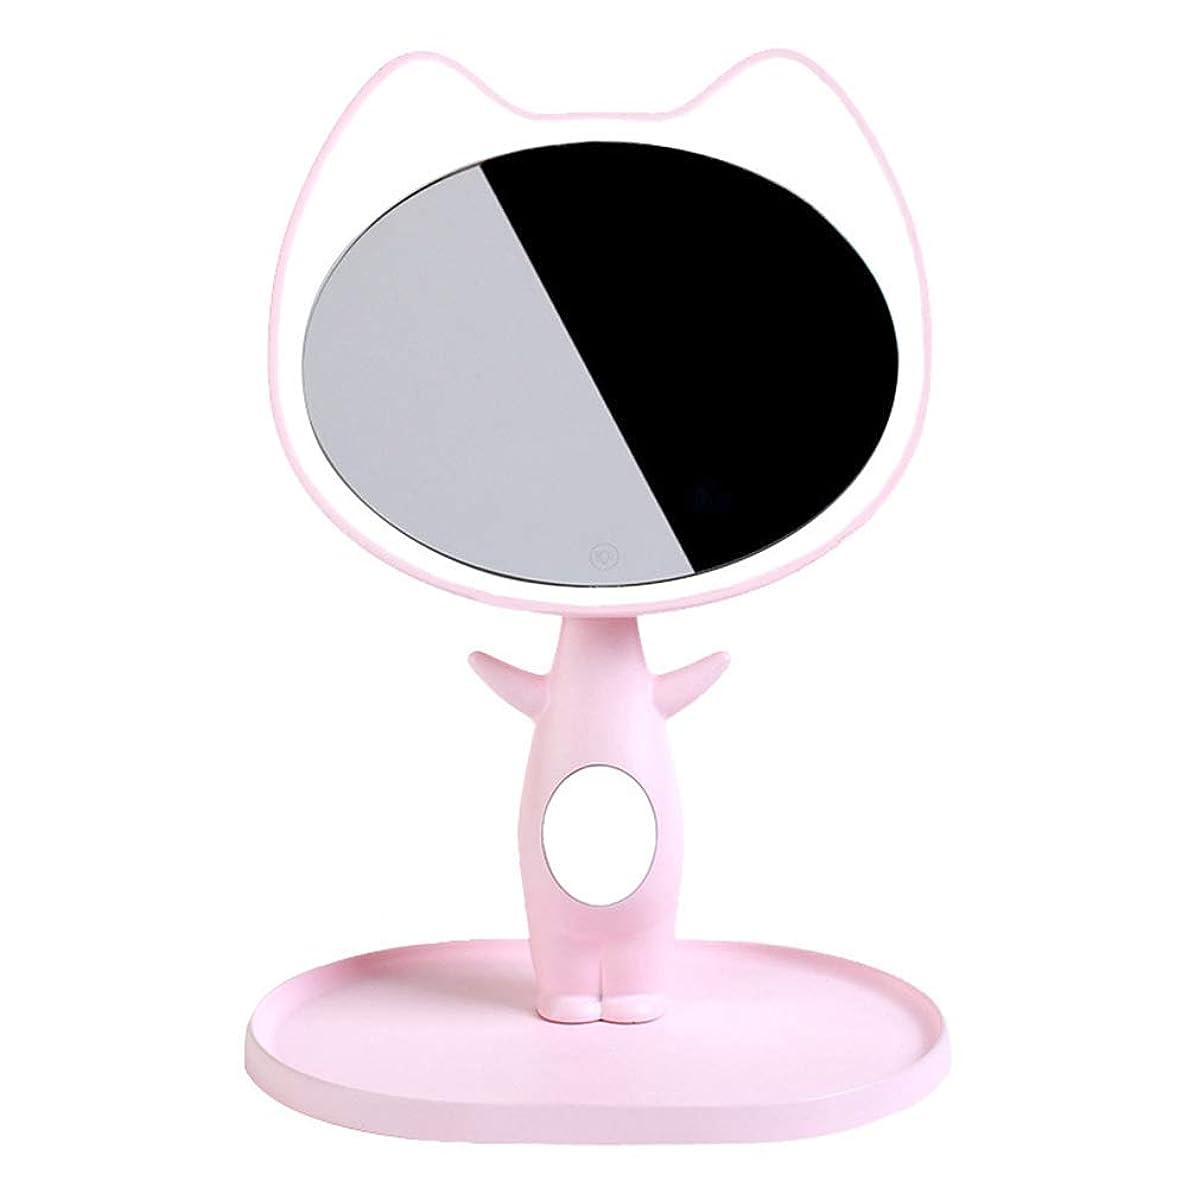 認可シニス不振化粧鏡テーブルランプ装飾化粧台ミラーライト - タッチスイッチ - LED調光対応